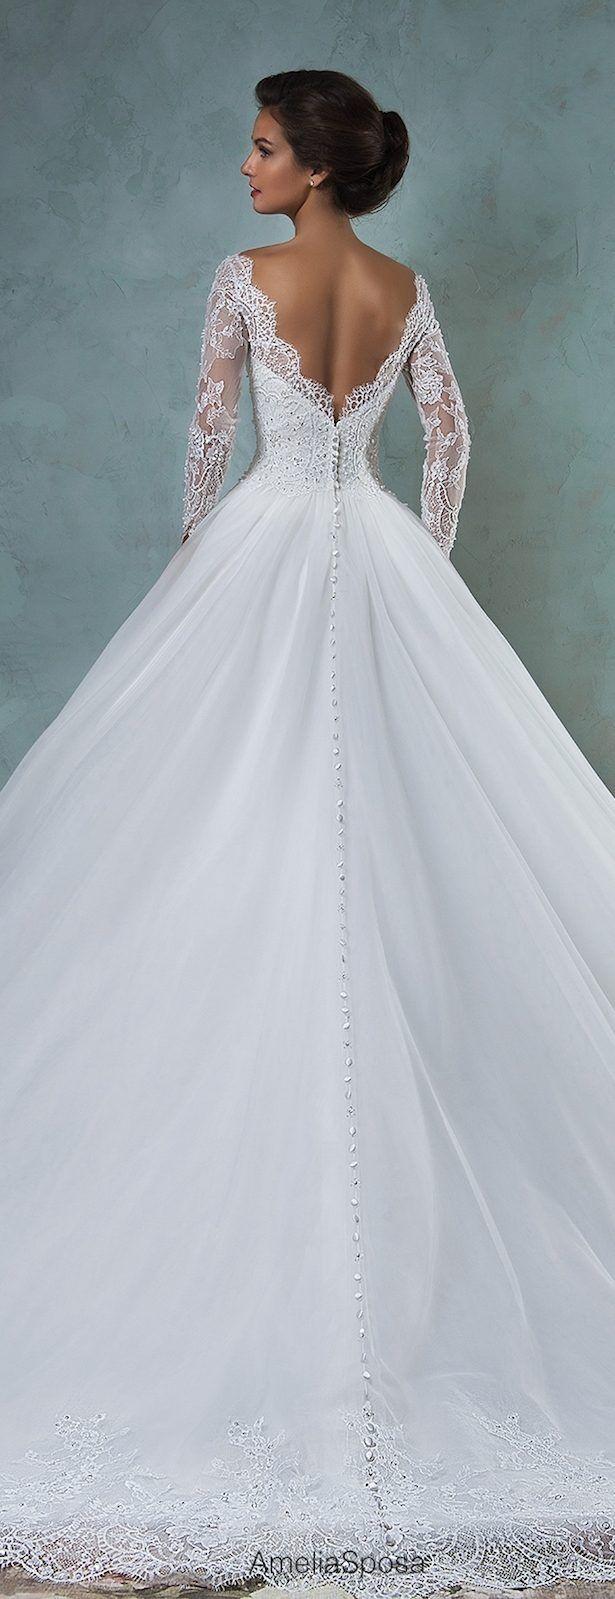 Amelia Sposa 2016 Wedding Dresses - Part 2 | Vestidos de novia, De ...